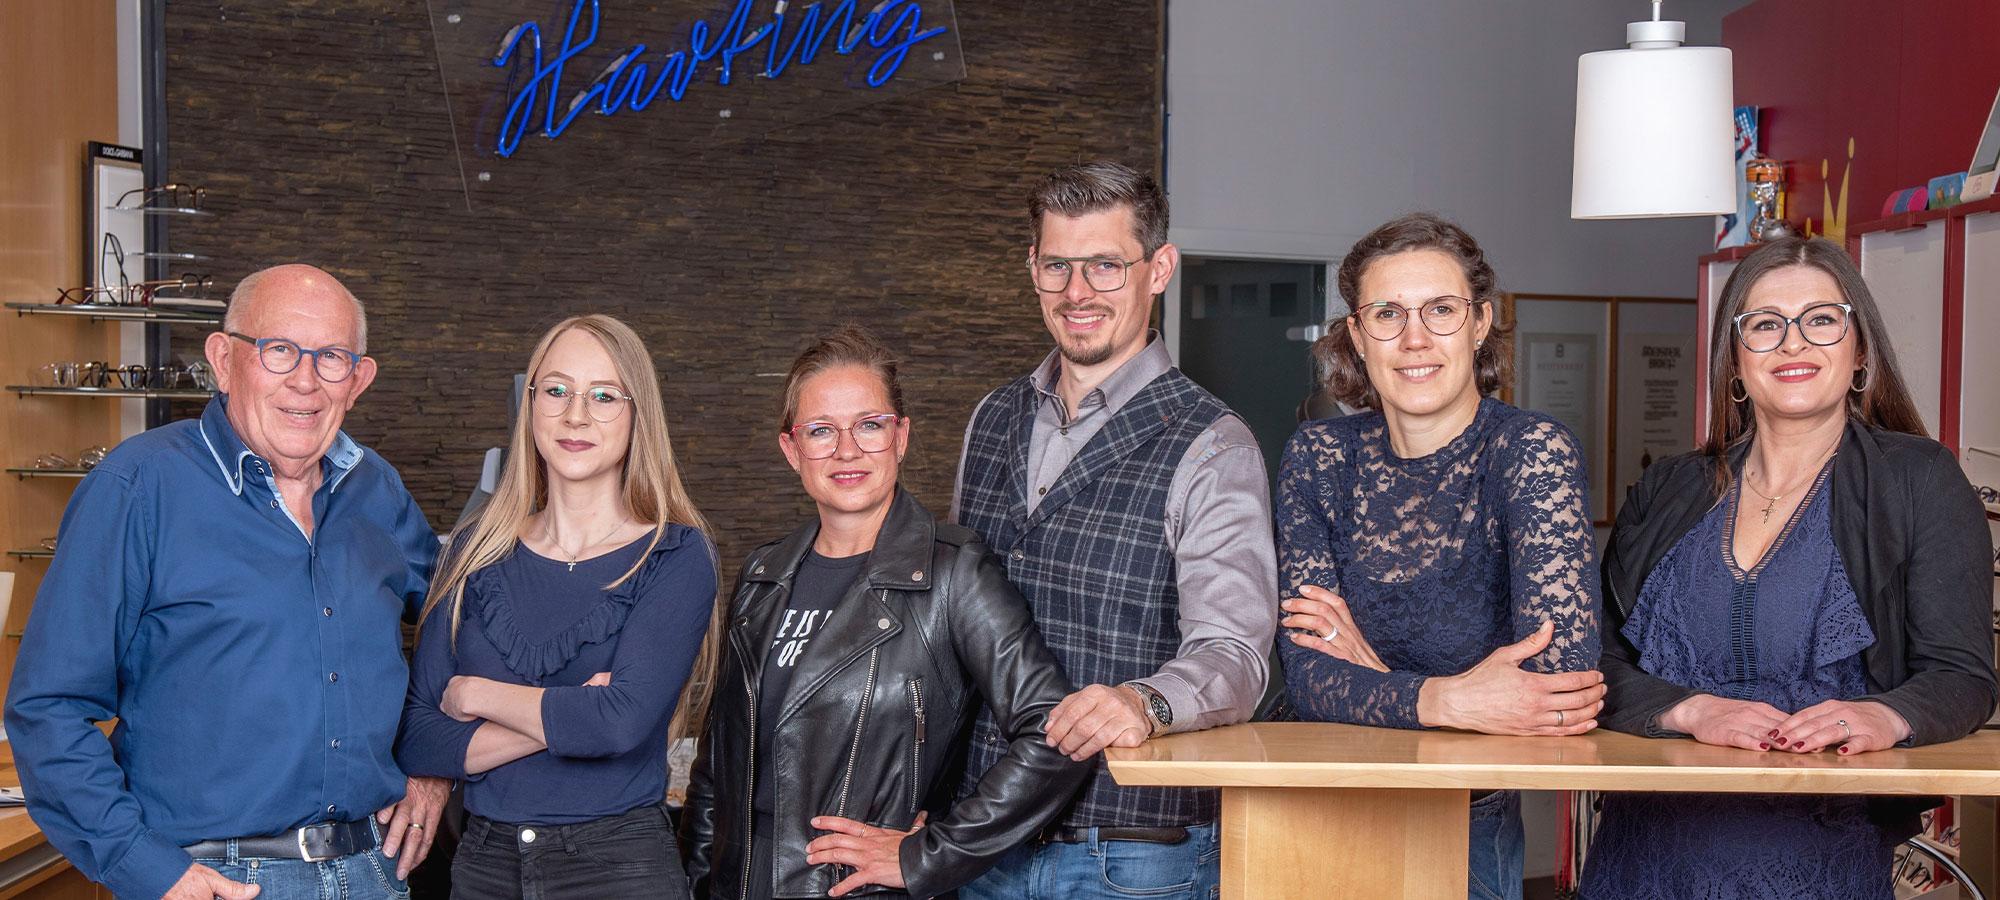 Gruppenfoto vom Harting Team im Harting Gebäude